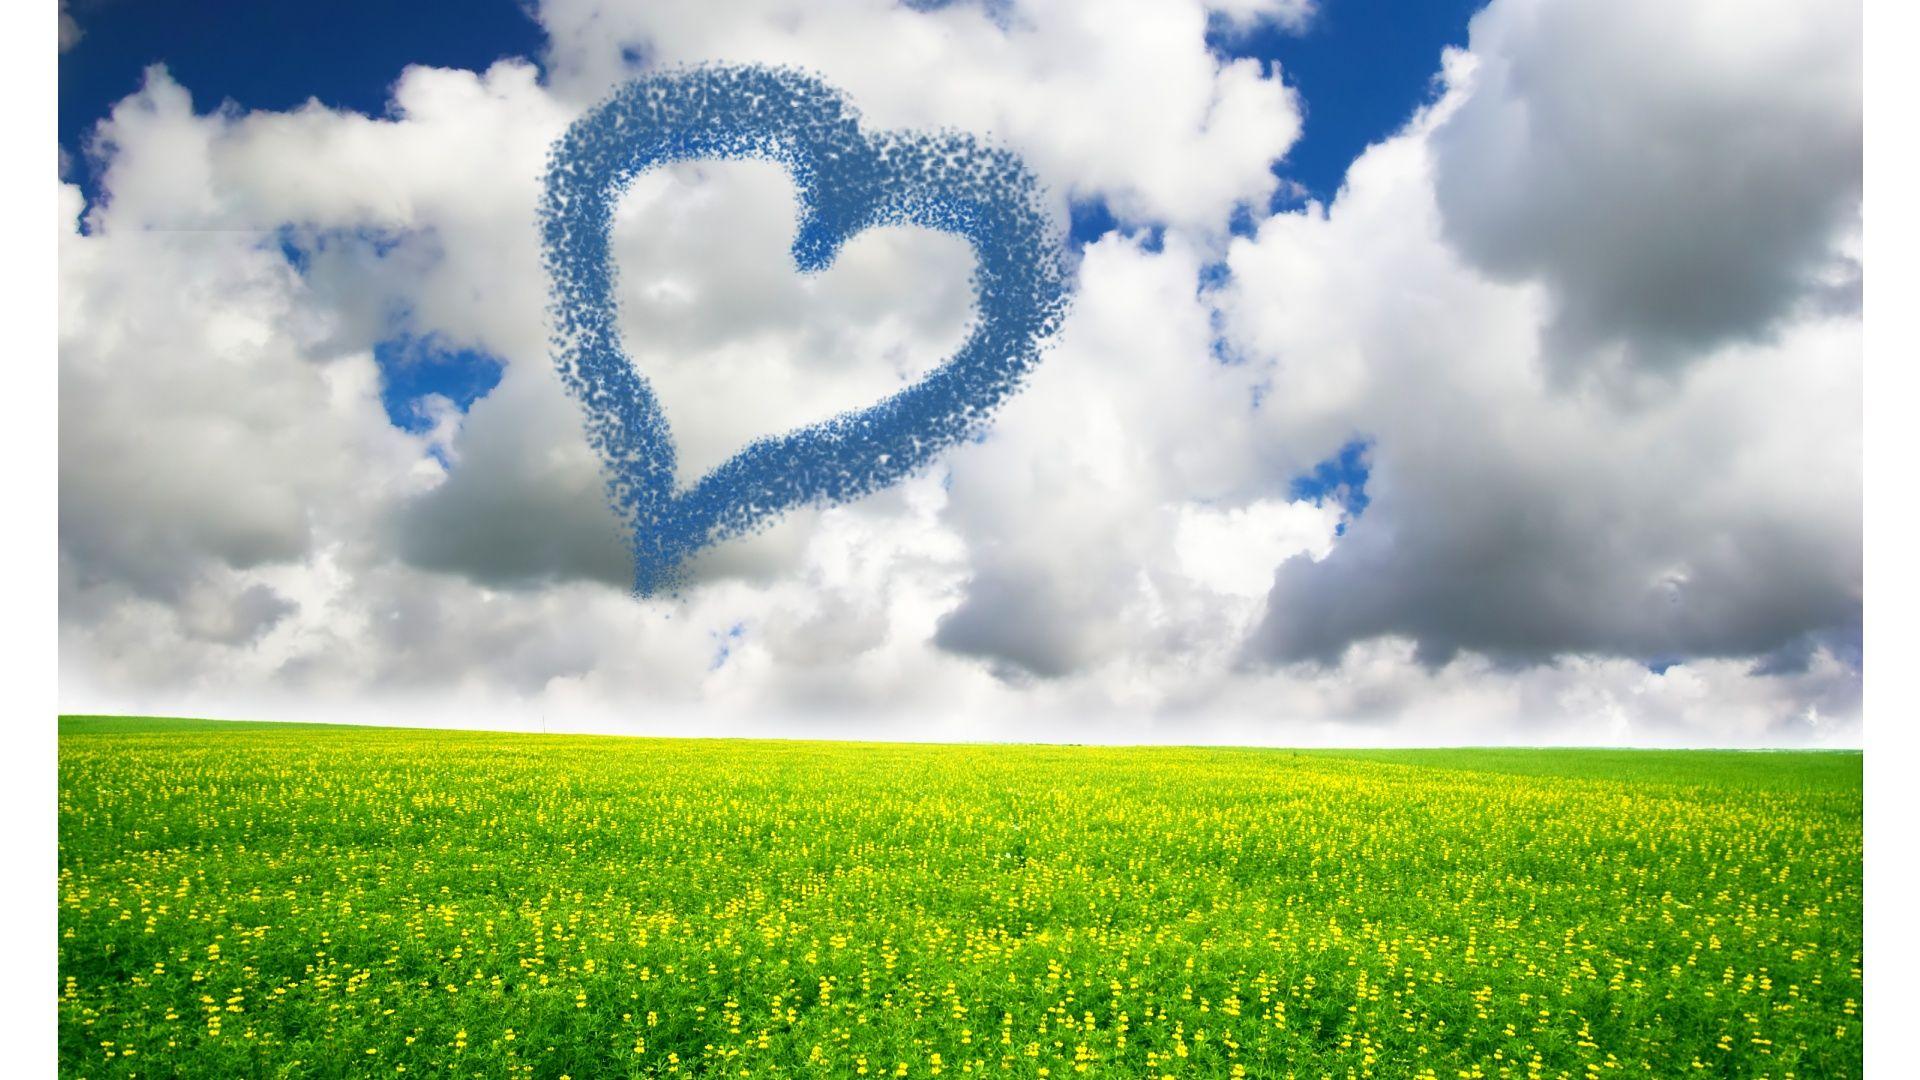 1920x1080 Sweet Heart Over Green Field Flowers Hd Wallpapers 1080p Full Hd Love Wallpaper Hd Wallpapers 1080p Green Fields